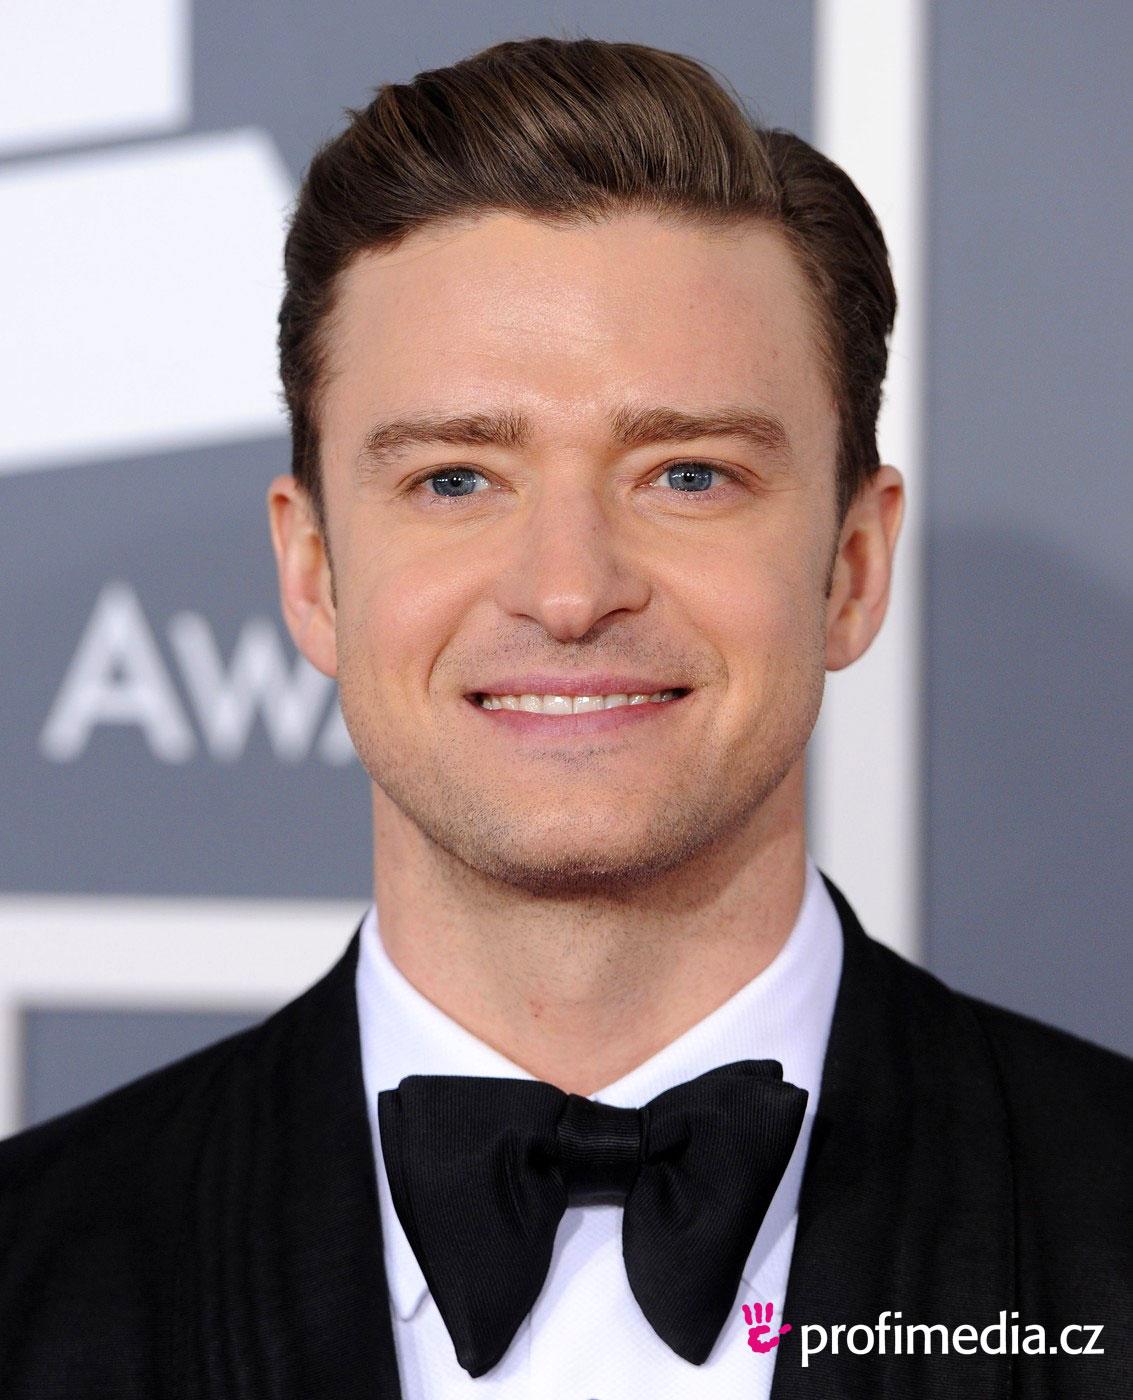 Justin Timberlake Hairstyle Easyhairstyler